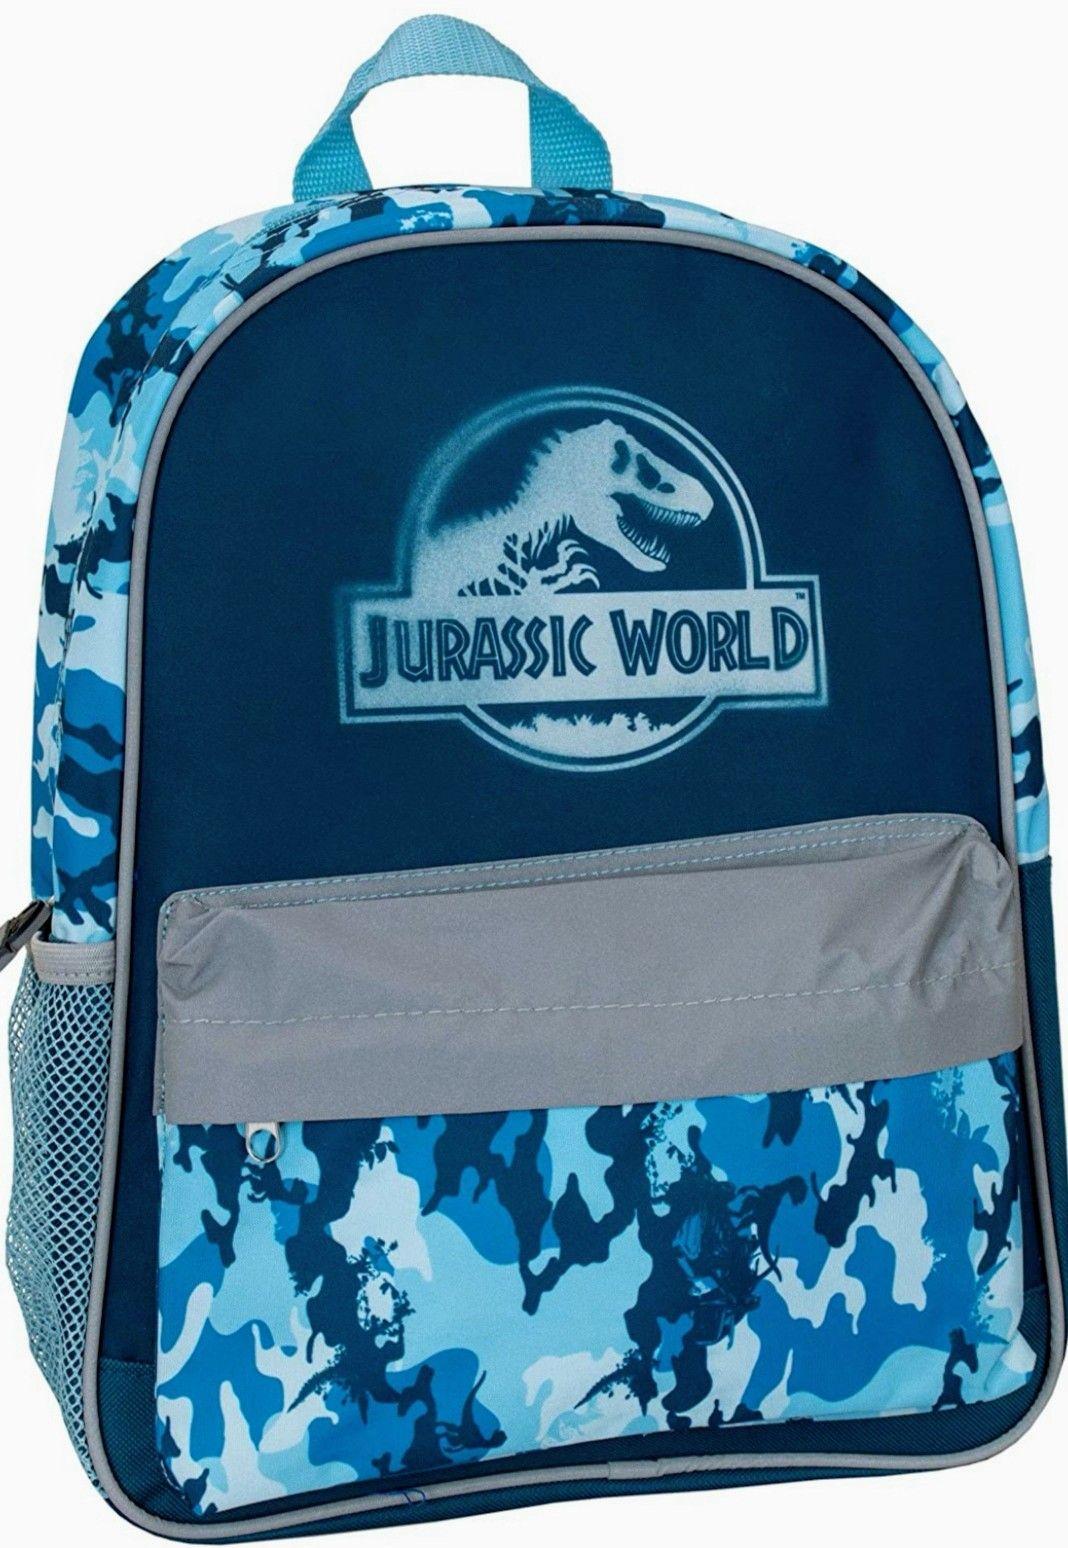 (Precio Mínimo histórico) Jurassic World Mochila Dinosaurios